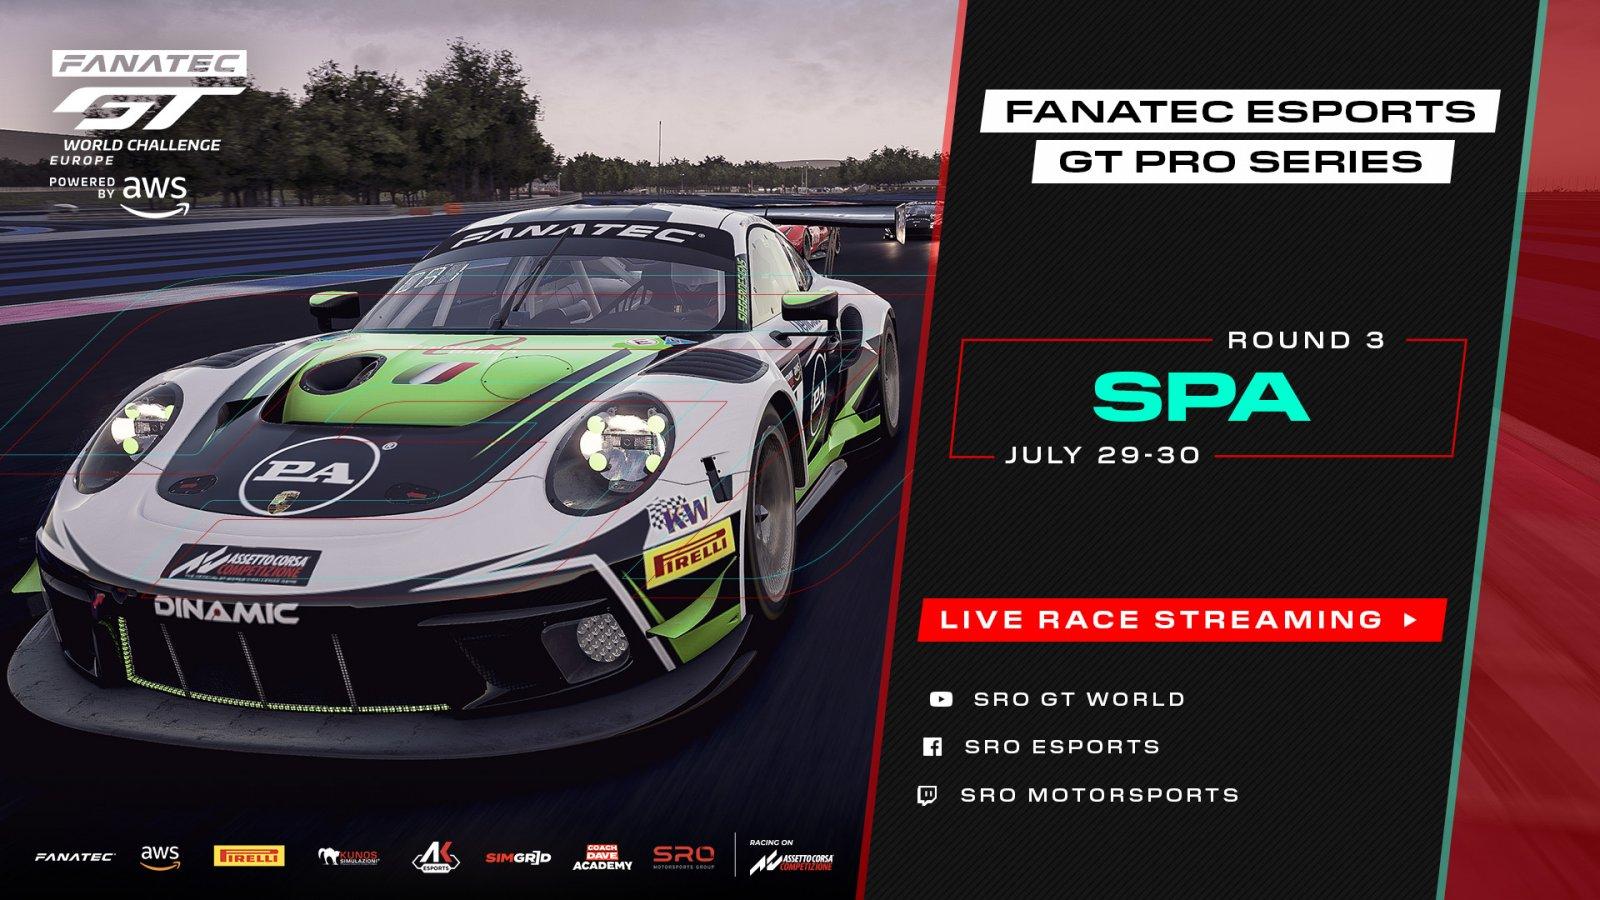 Fanatec Esports GT Pro Series checks in for Spa break